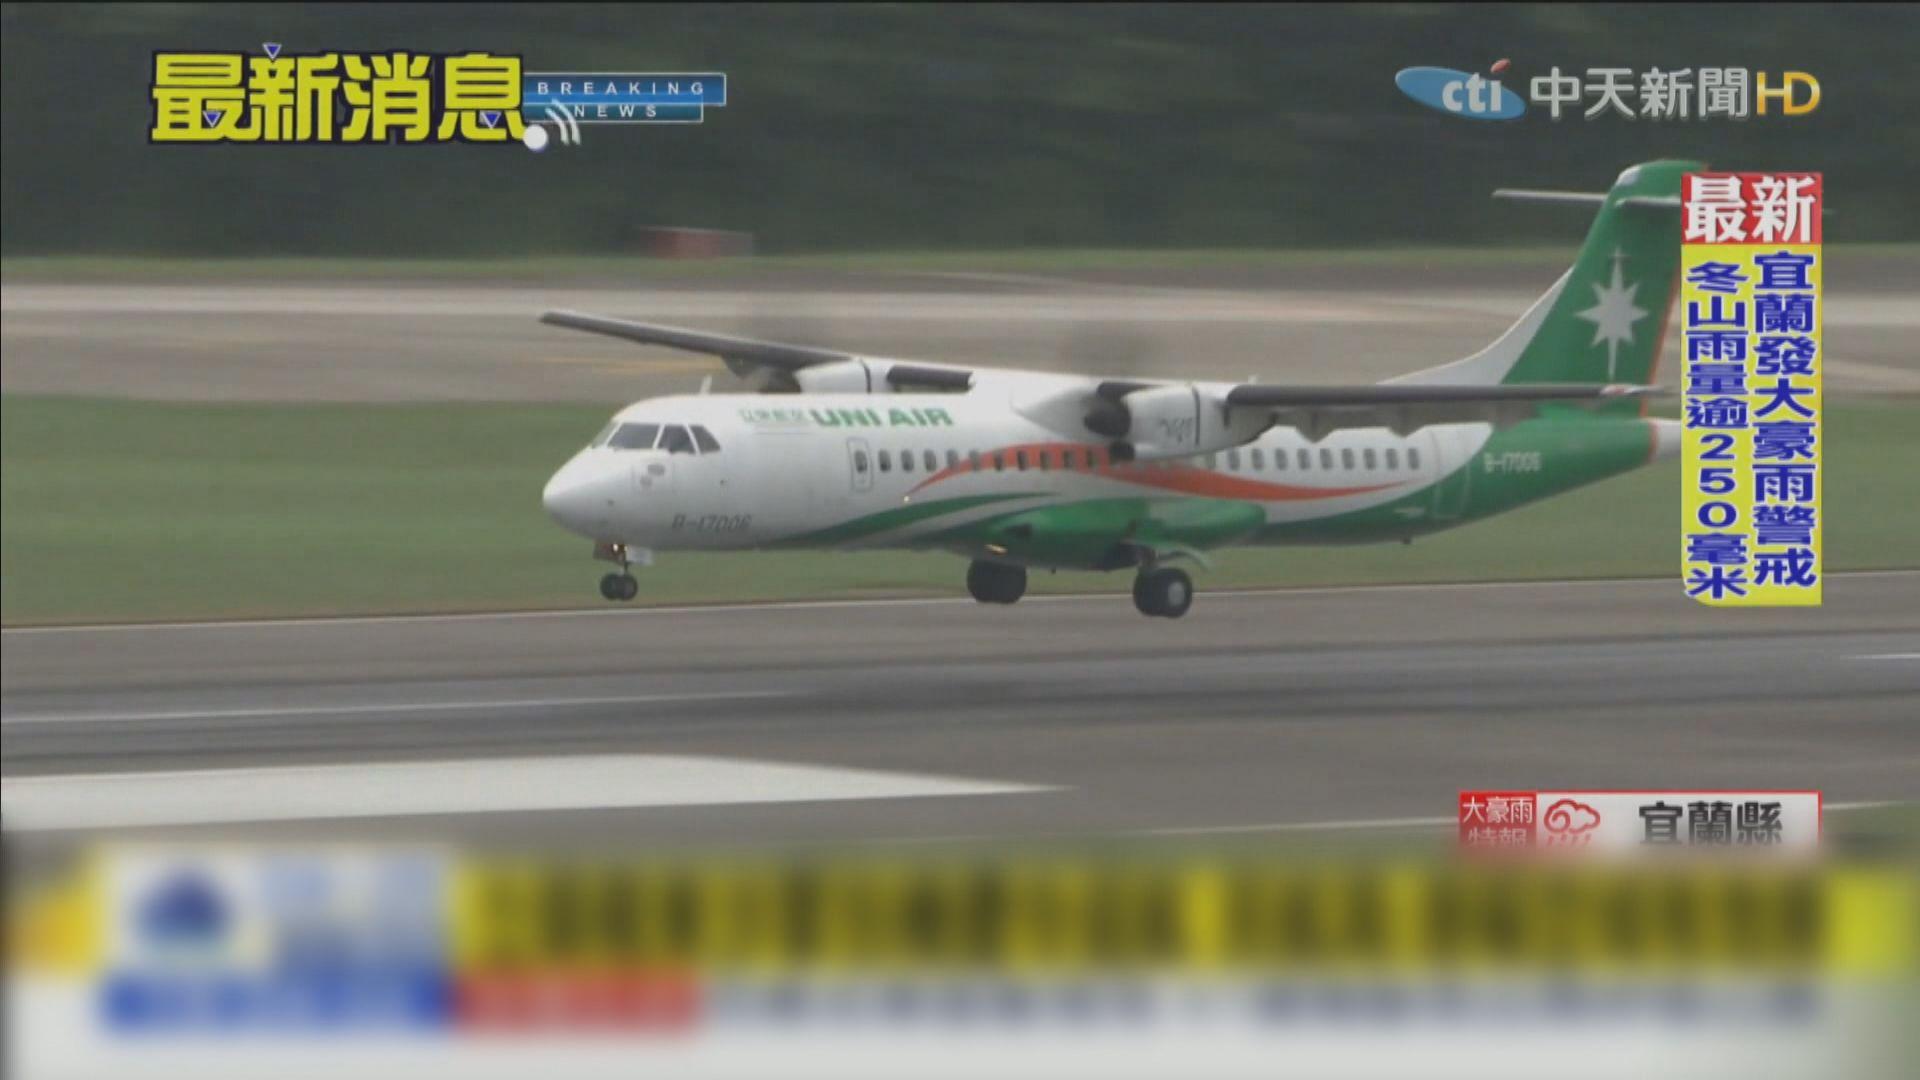 立榮航空飛東沙島包機遭拒進入香港情報區